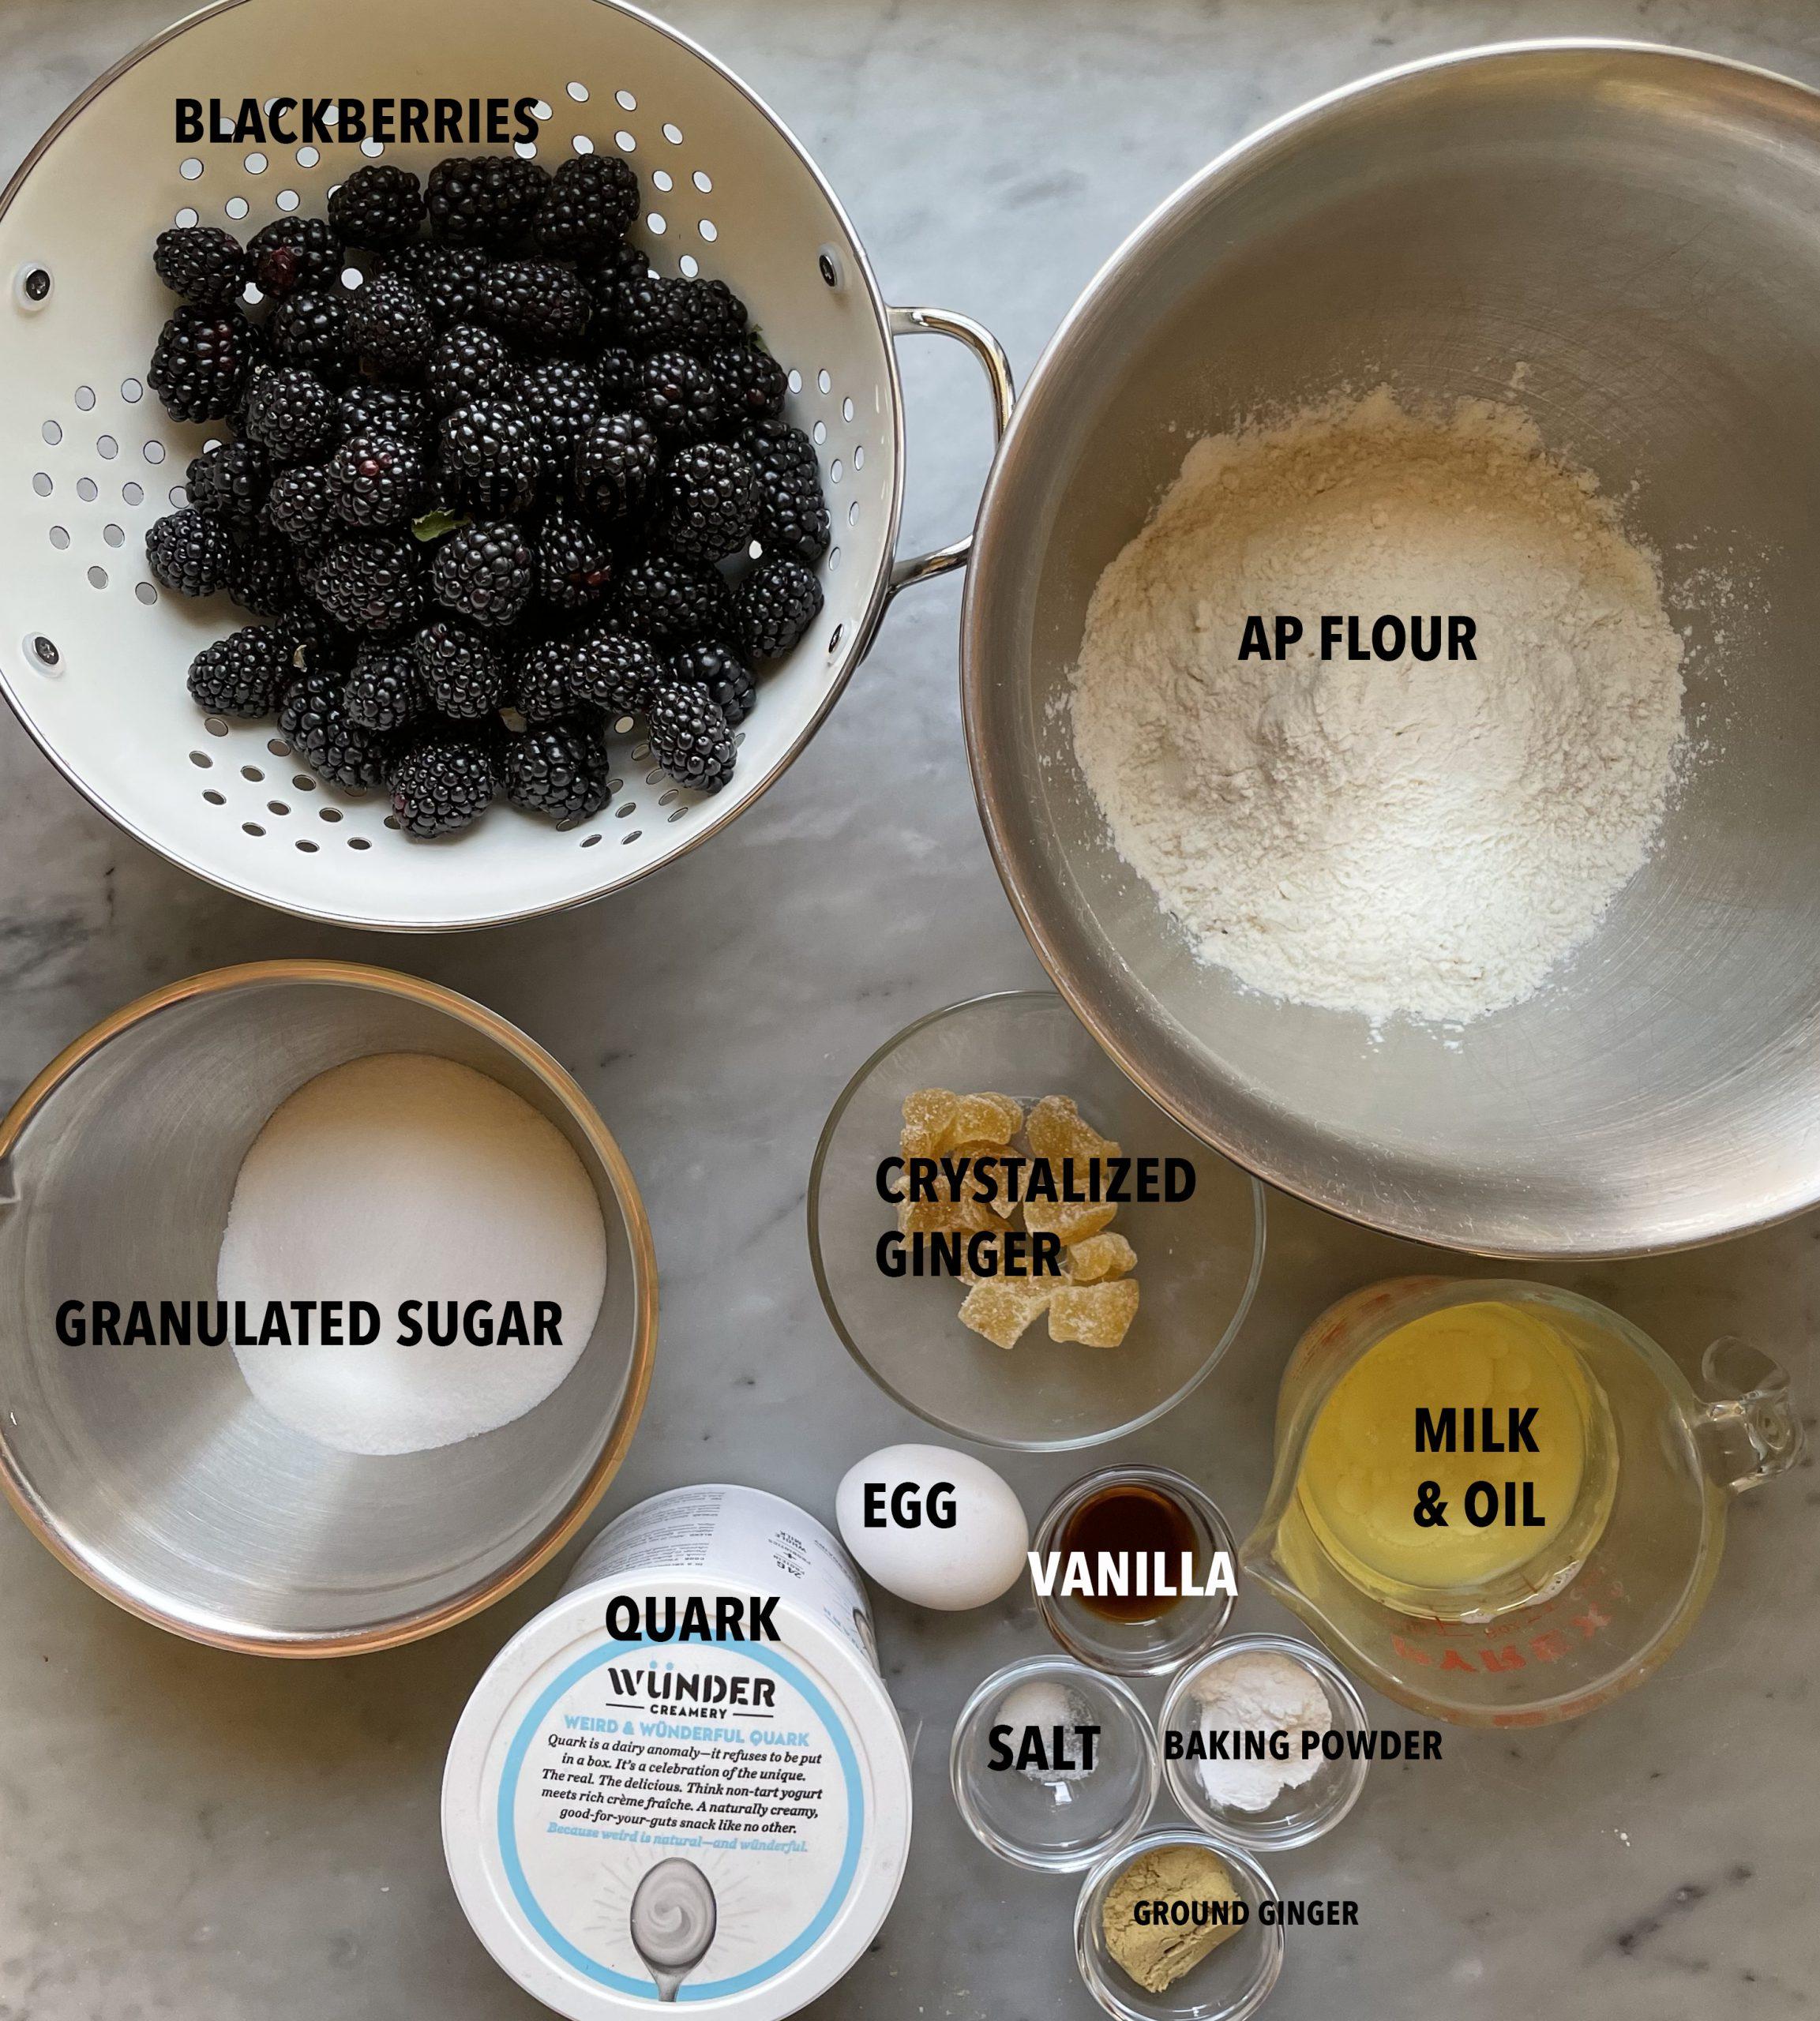 Image of Blackberry Ginger Streusel kuchen